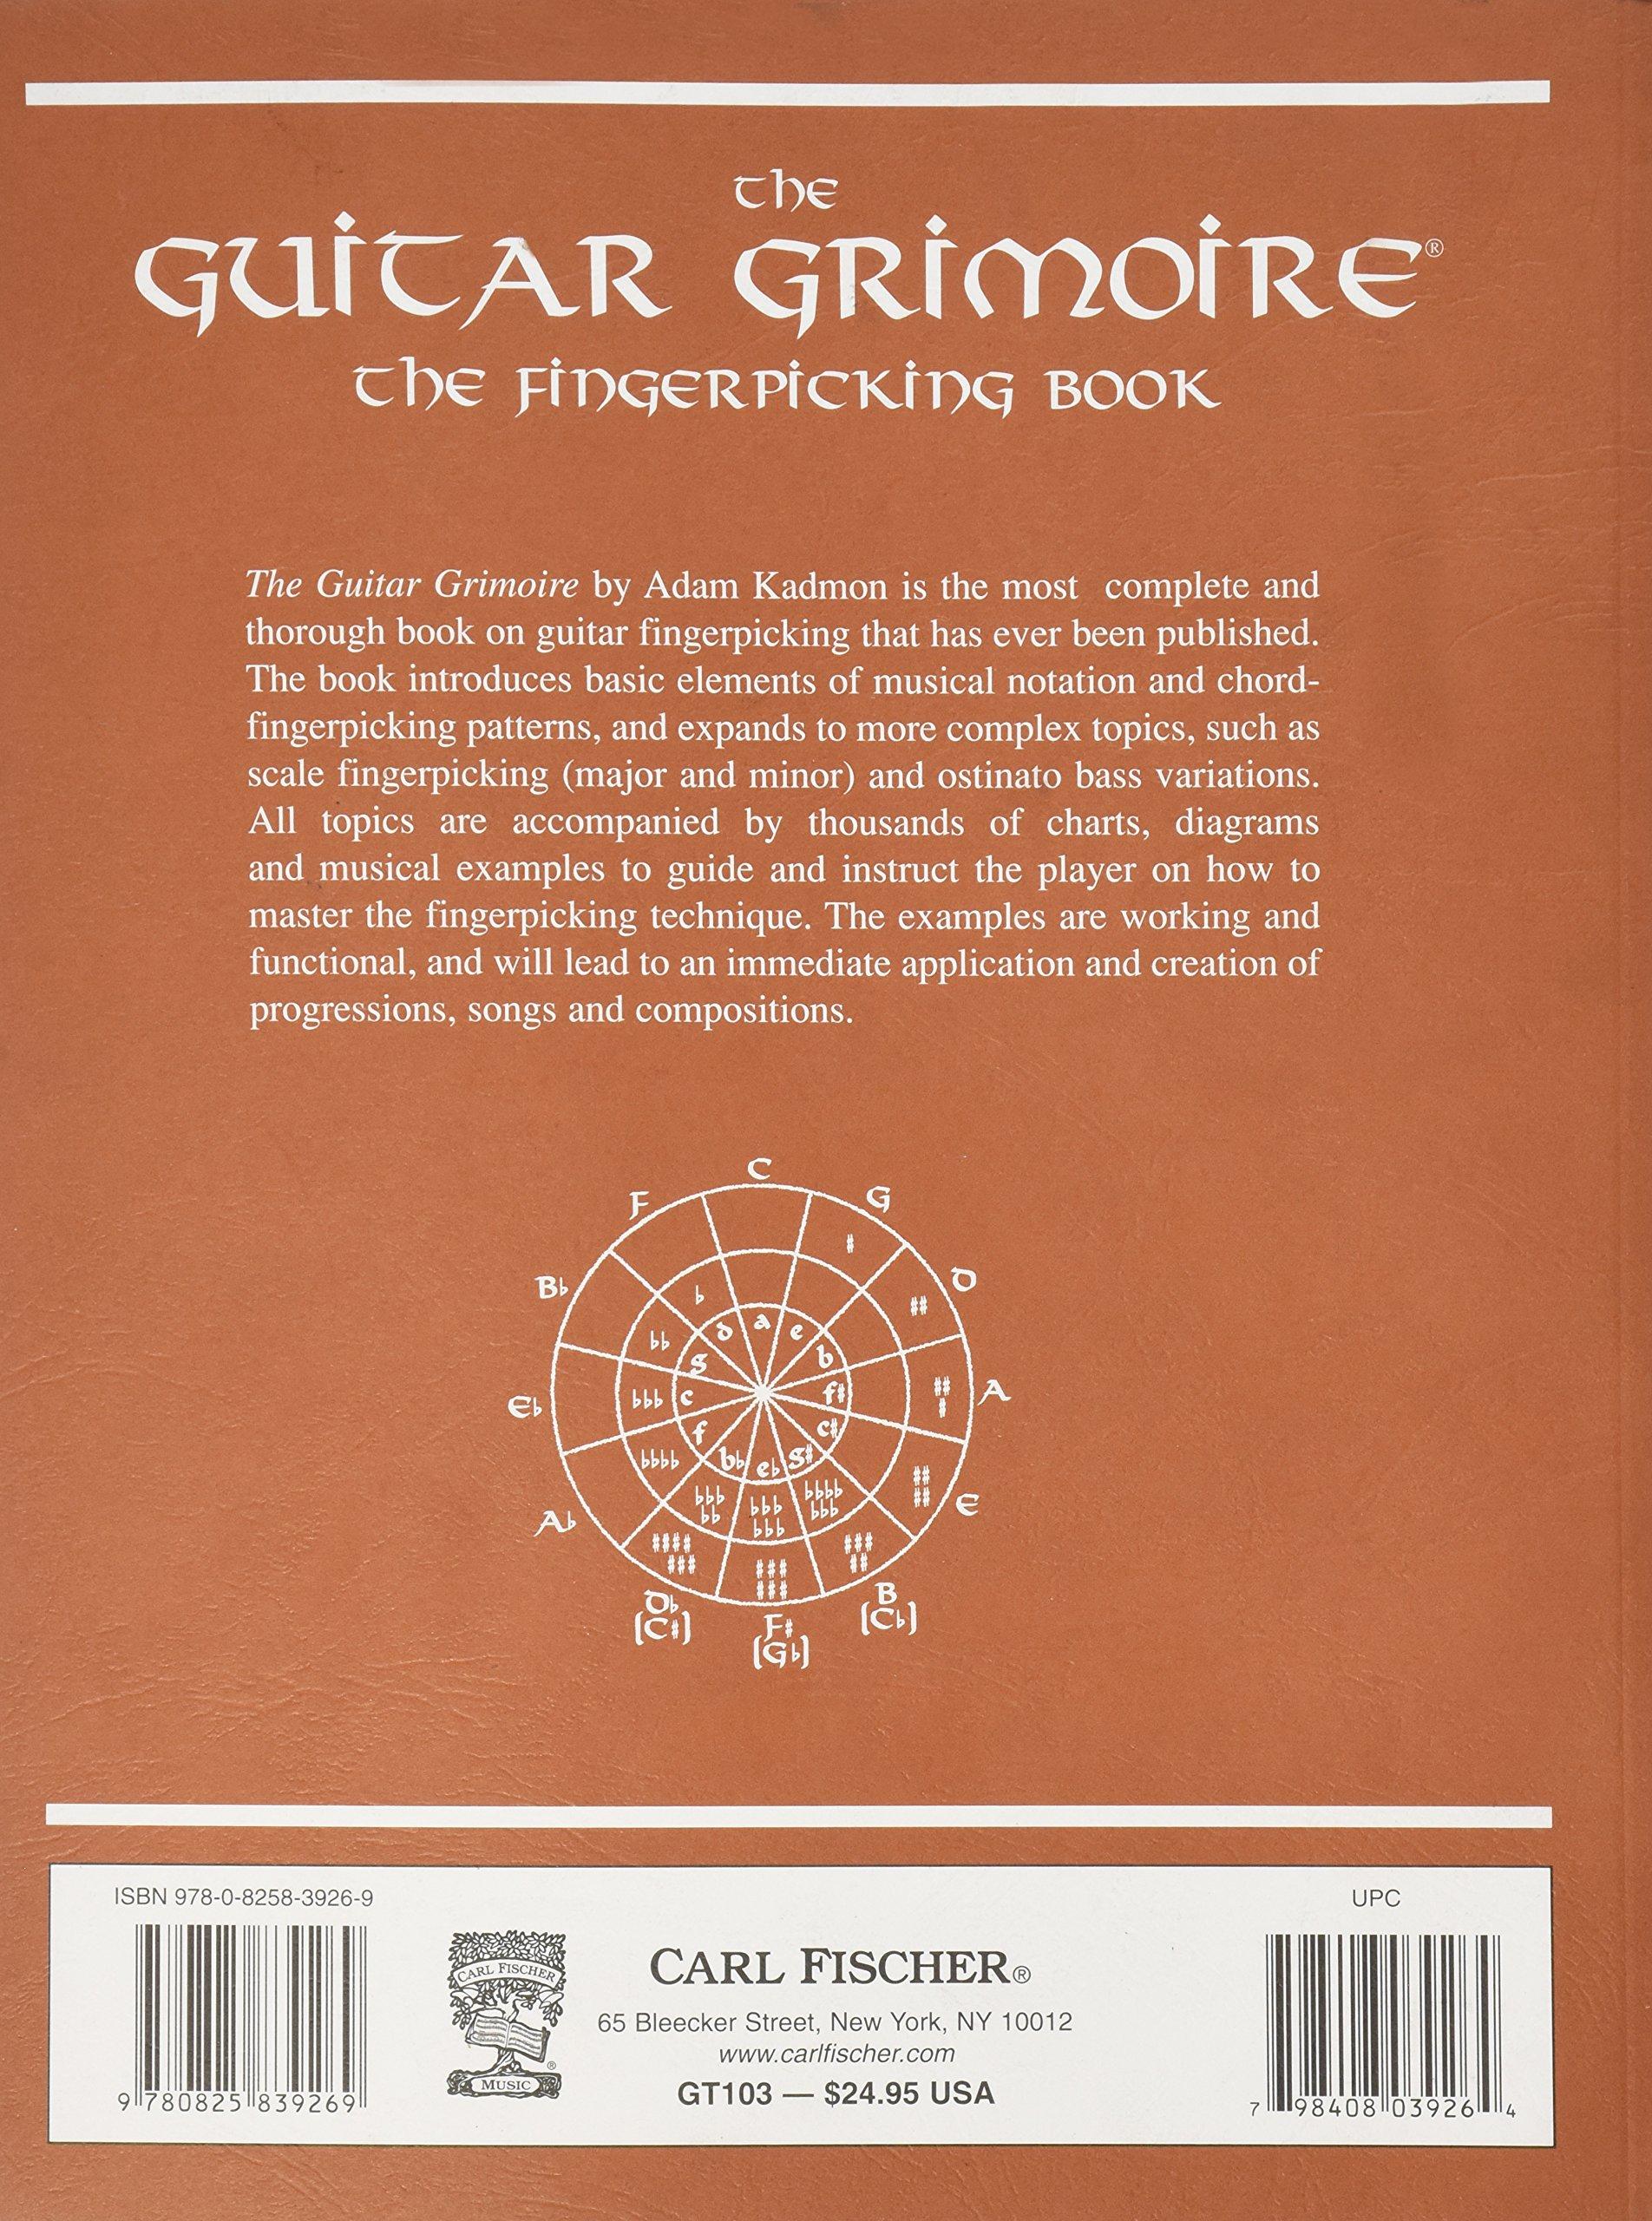 Gt103 The Guitar Grimoire The Fingerpicking Book Adam Kadmon